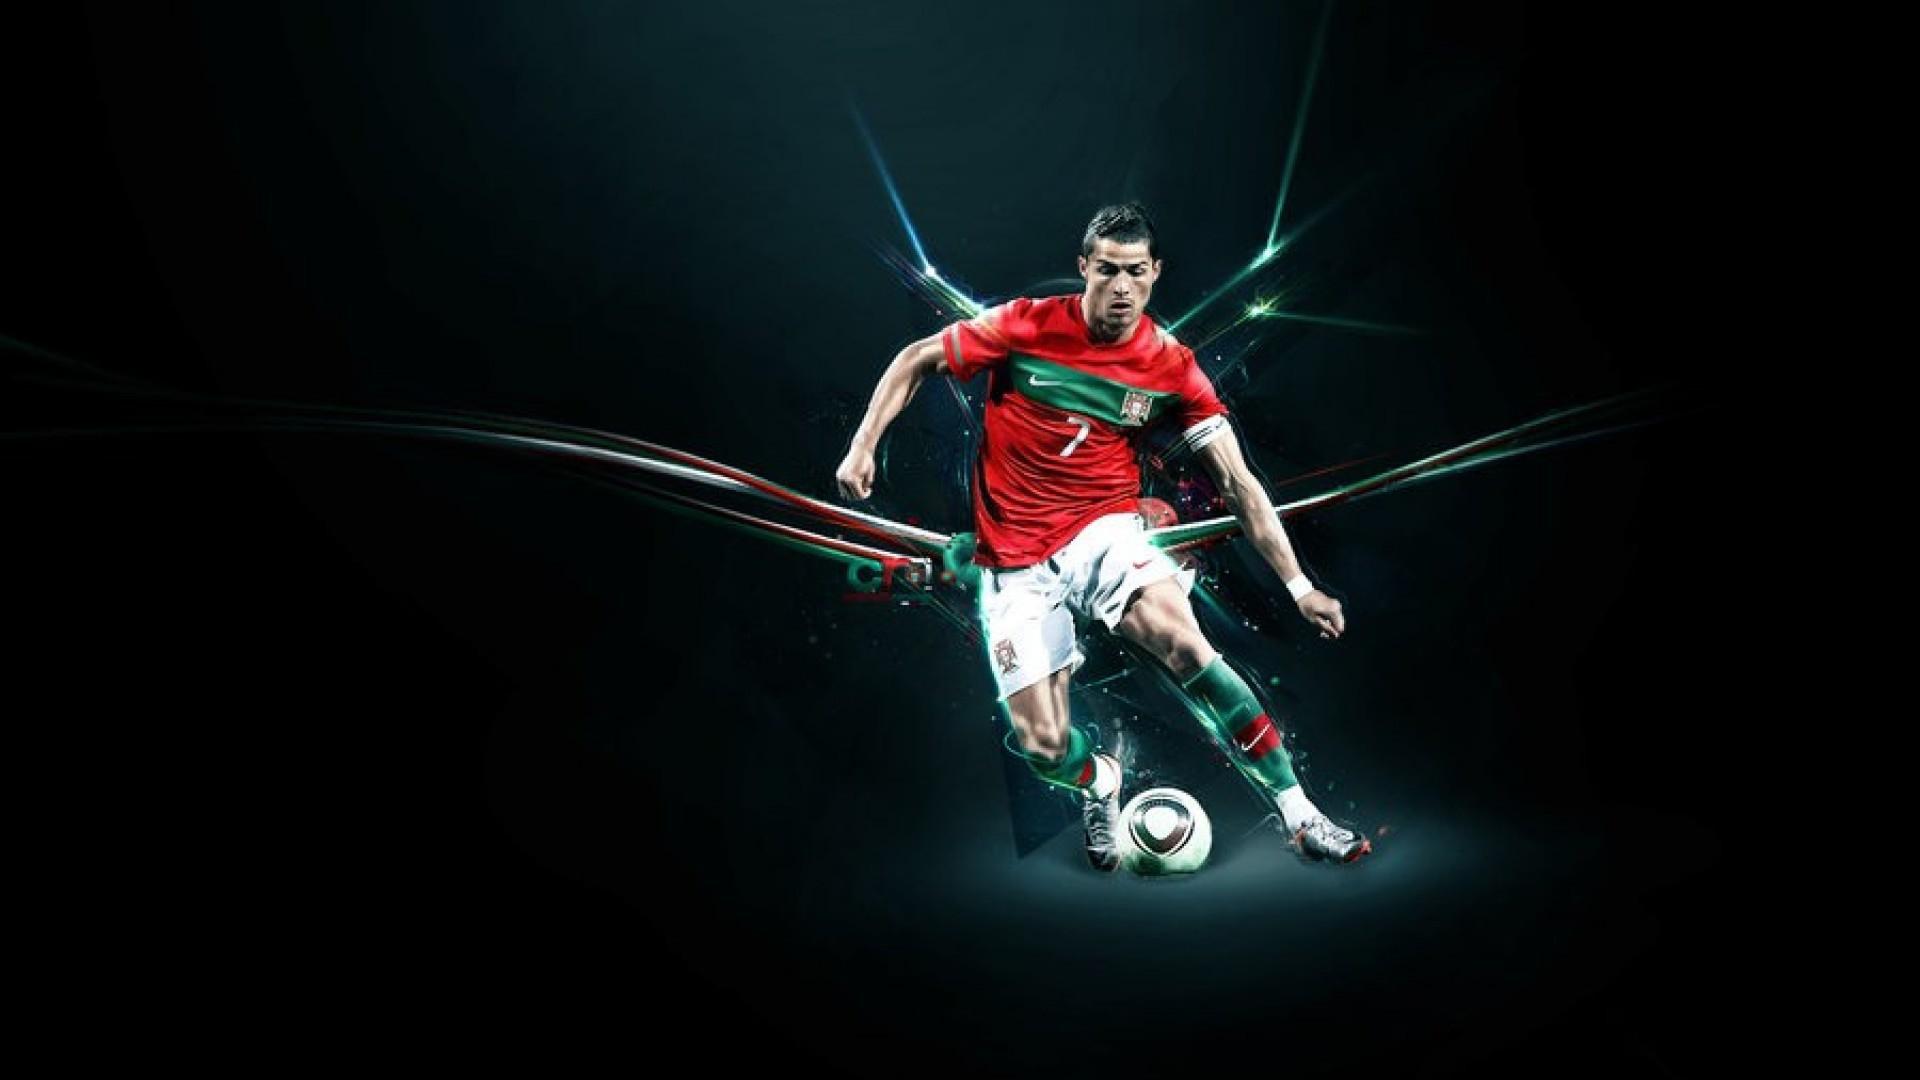 Cristiano Ronaldo Portugal HD wallpaper